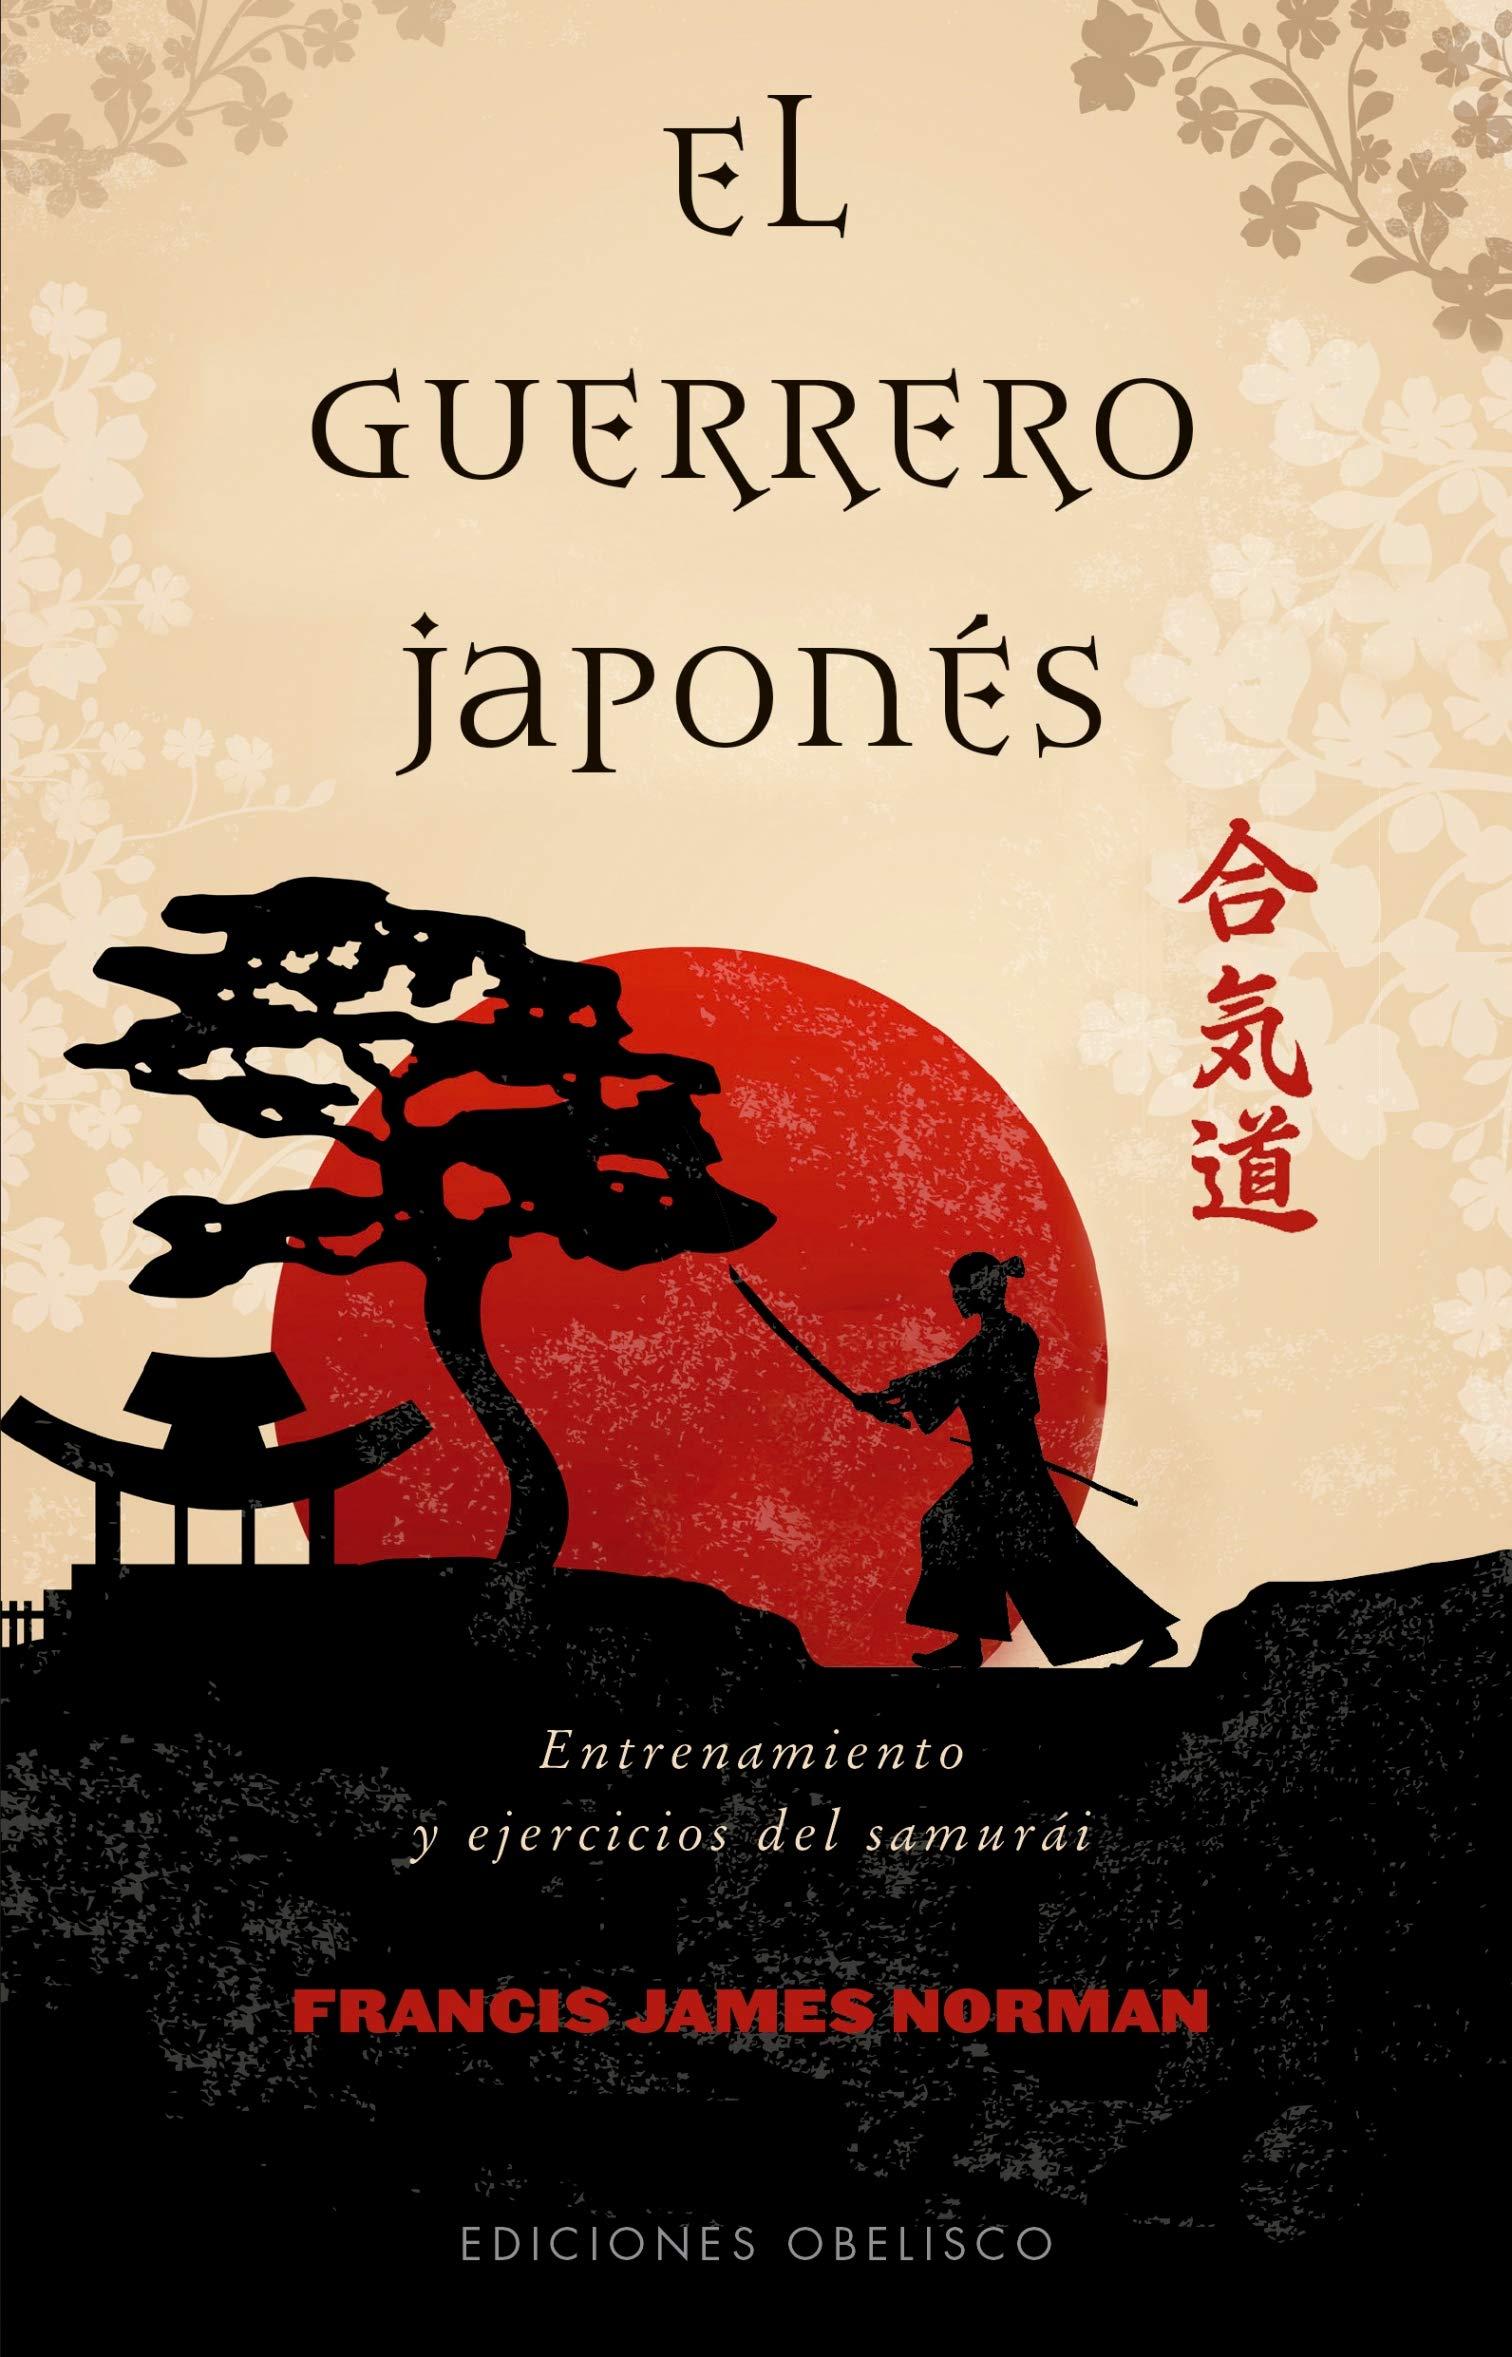 Portada libro - El guerrero japonés: entrenamiento y ejercicios del samurái